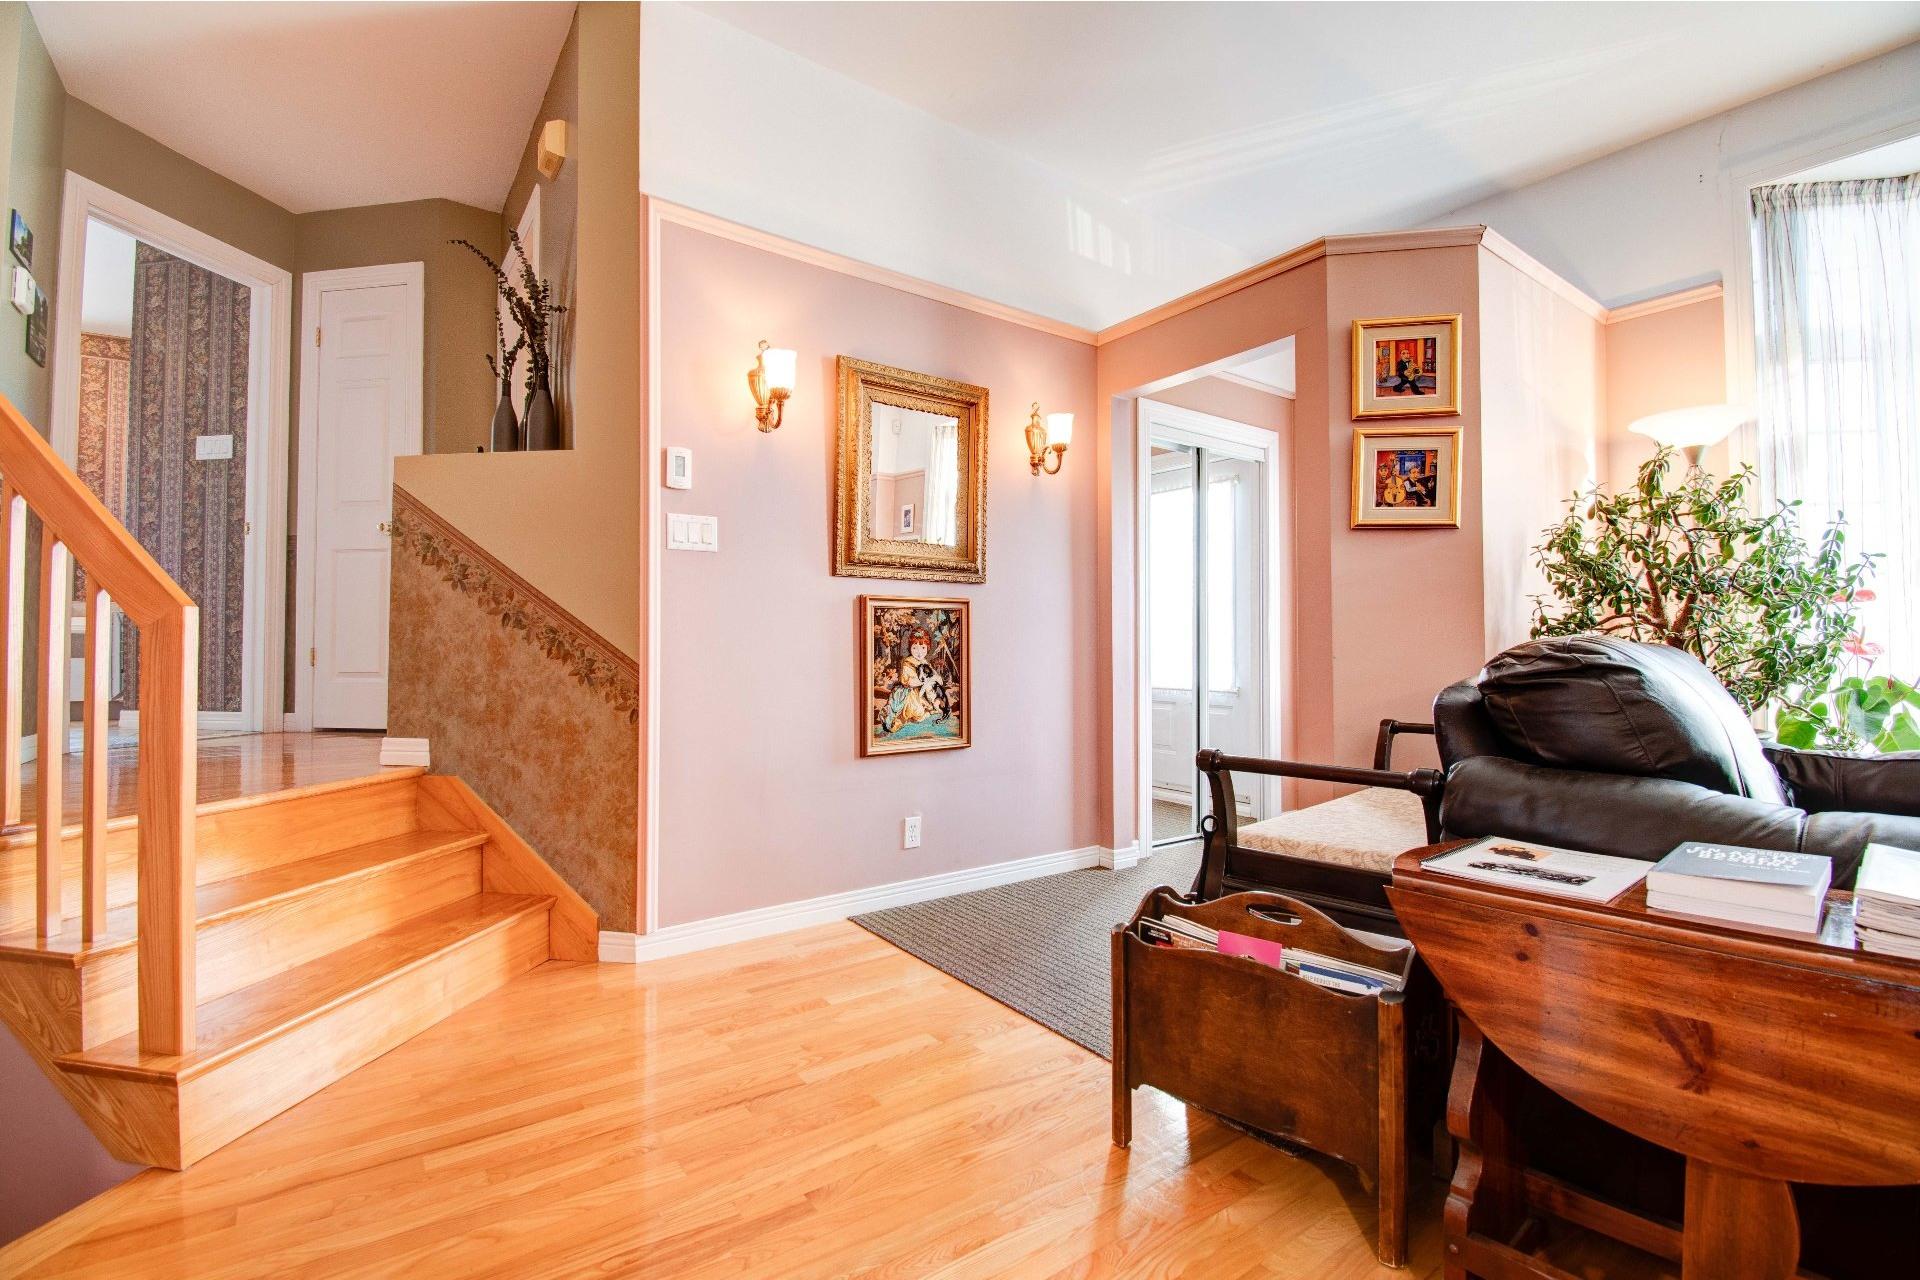 image 8 - Maison À vendre Trois-Rivières - 11 pièces